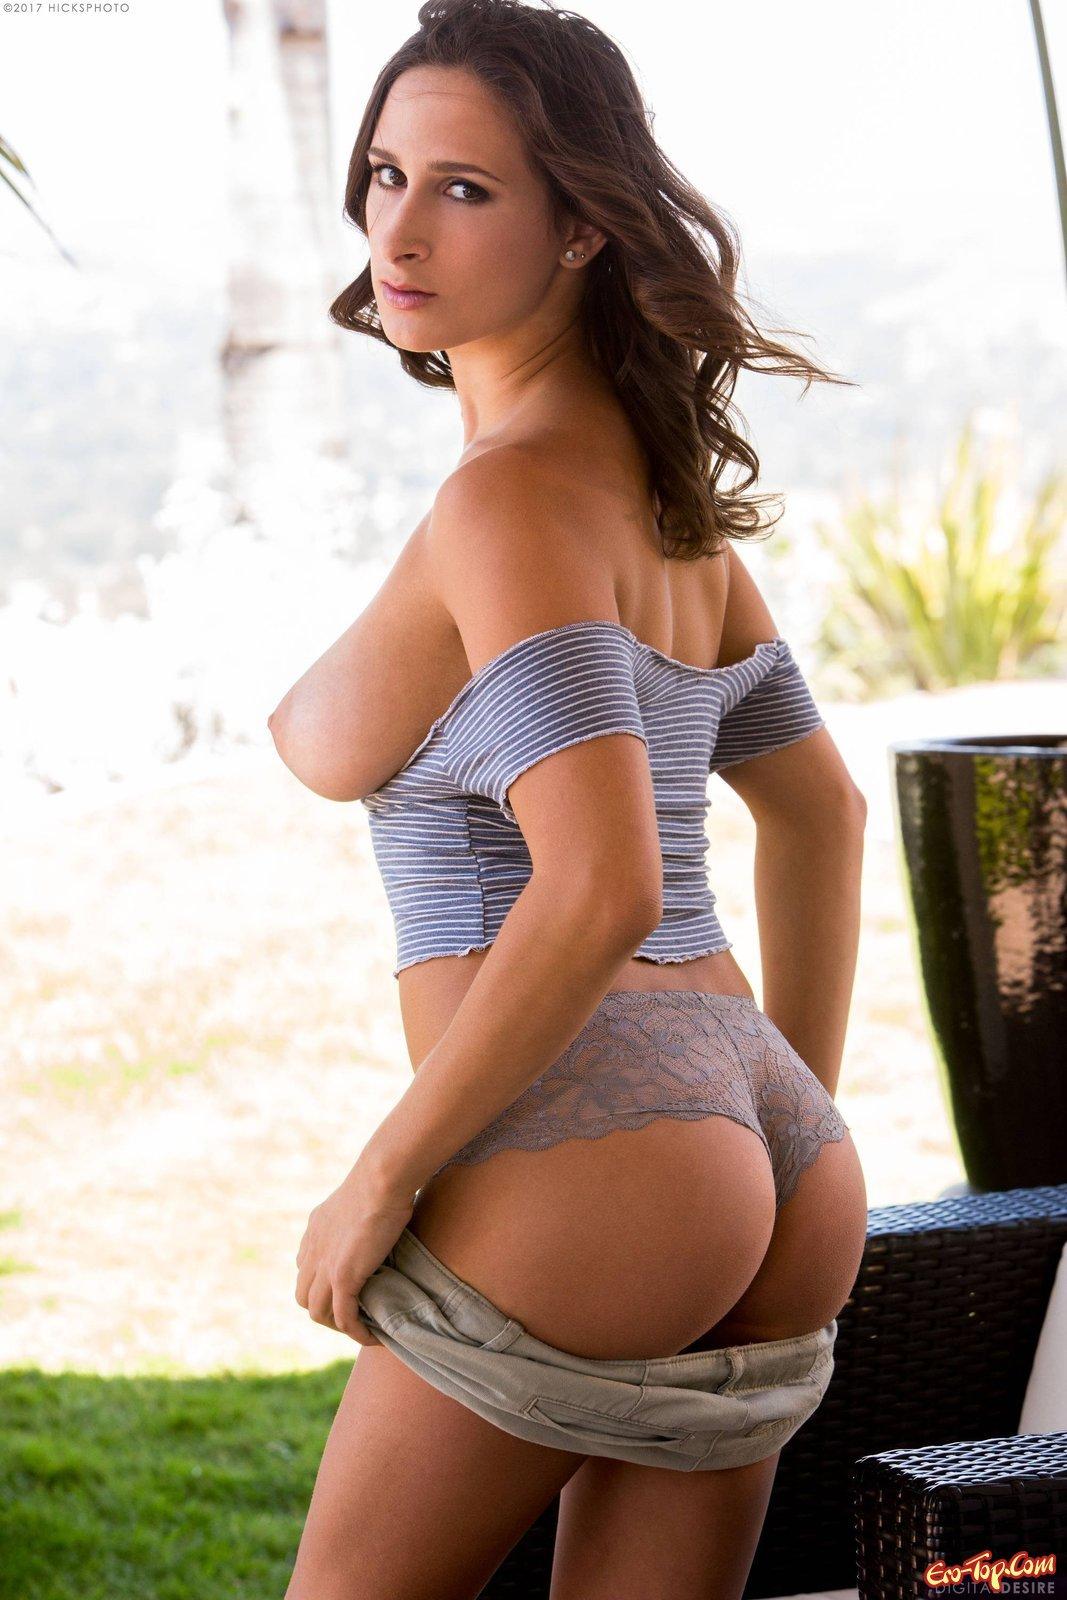 Девица с натуральными дойками и раздетой вульвой секс фото